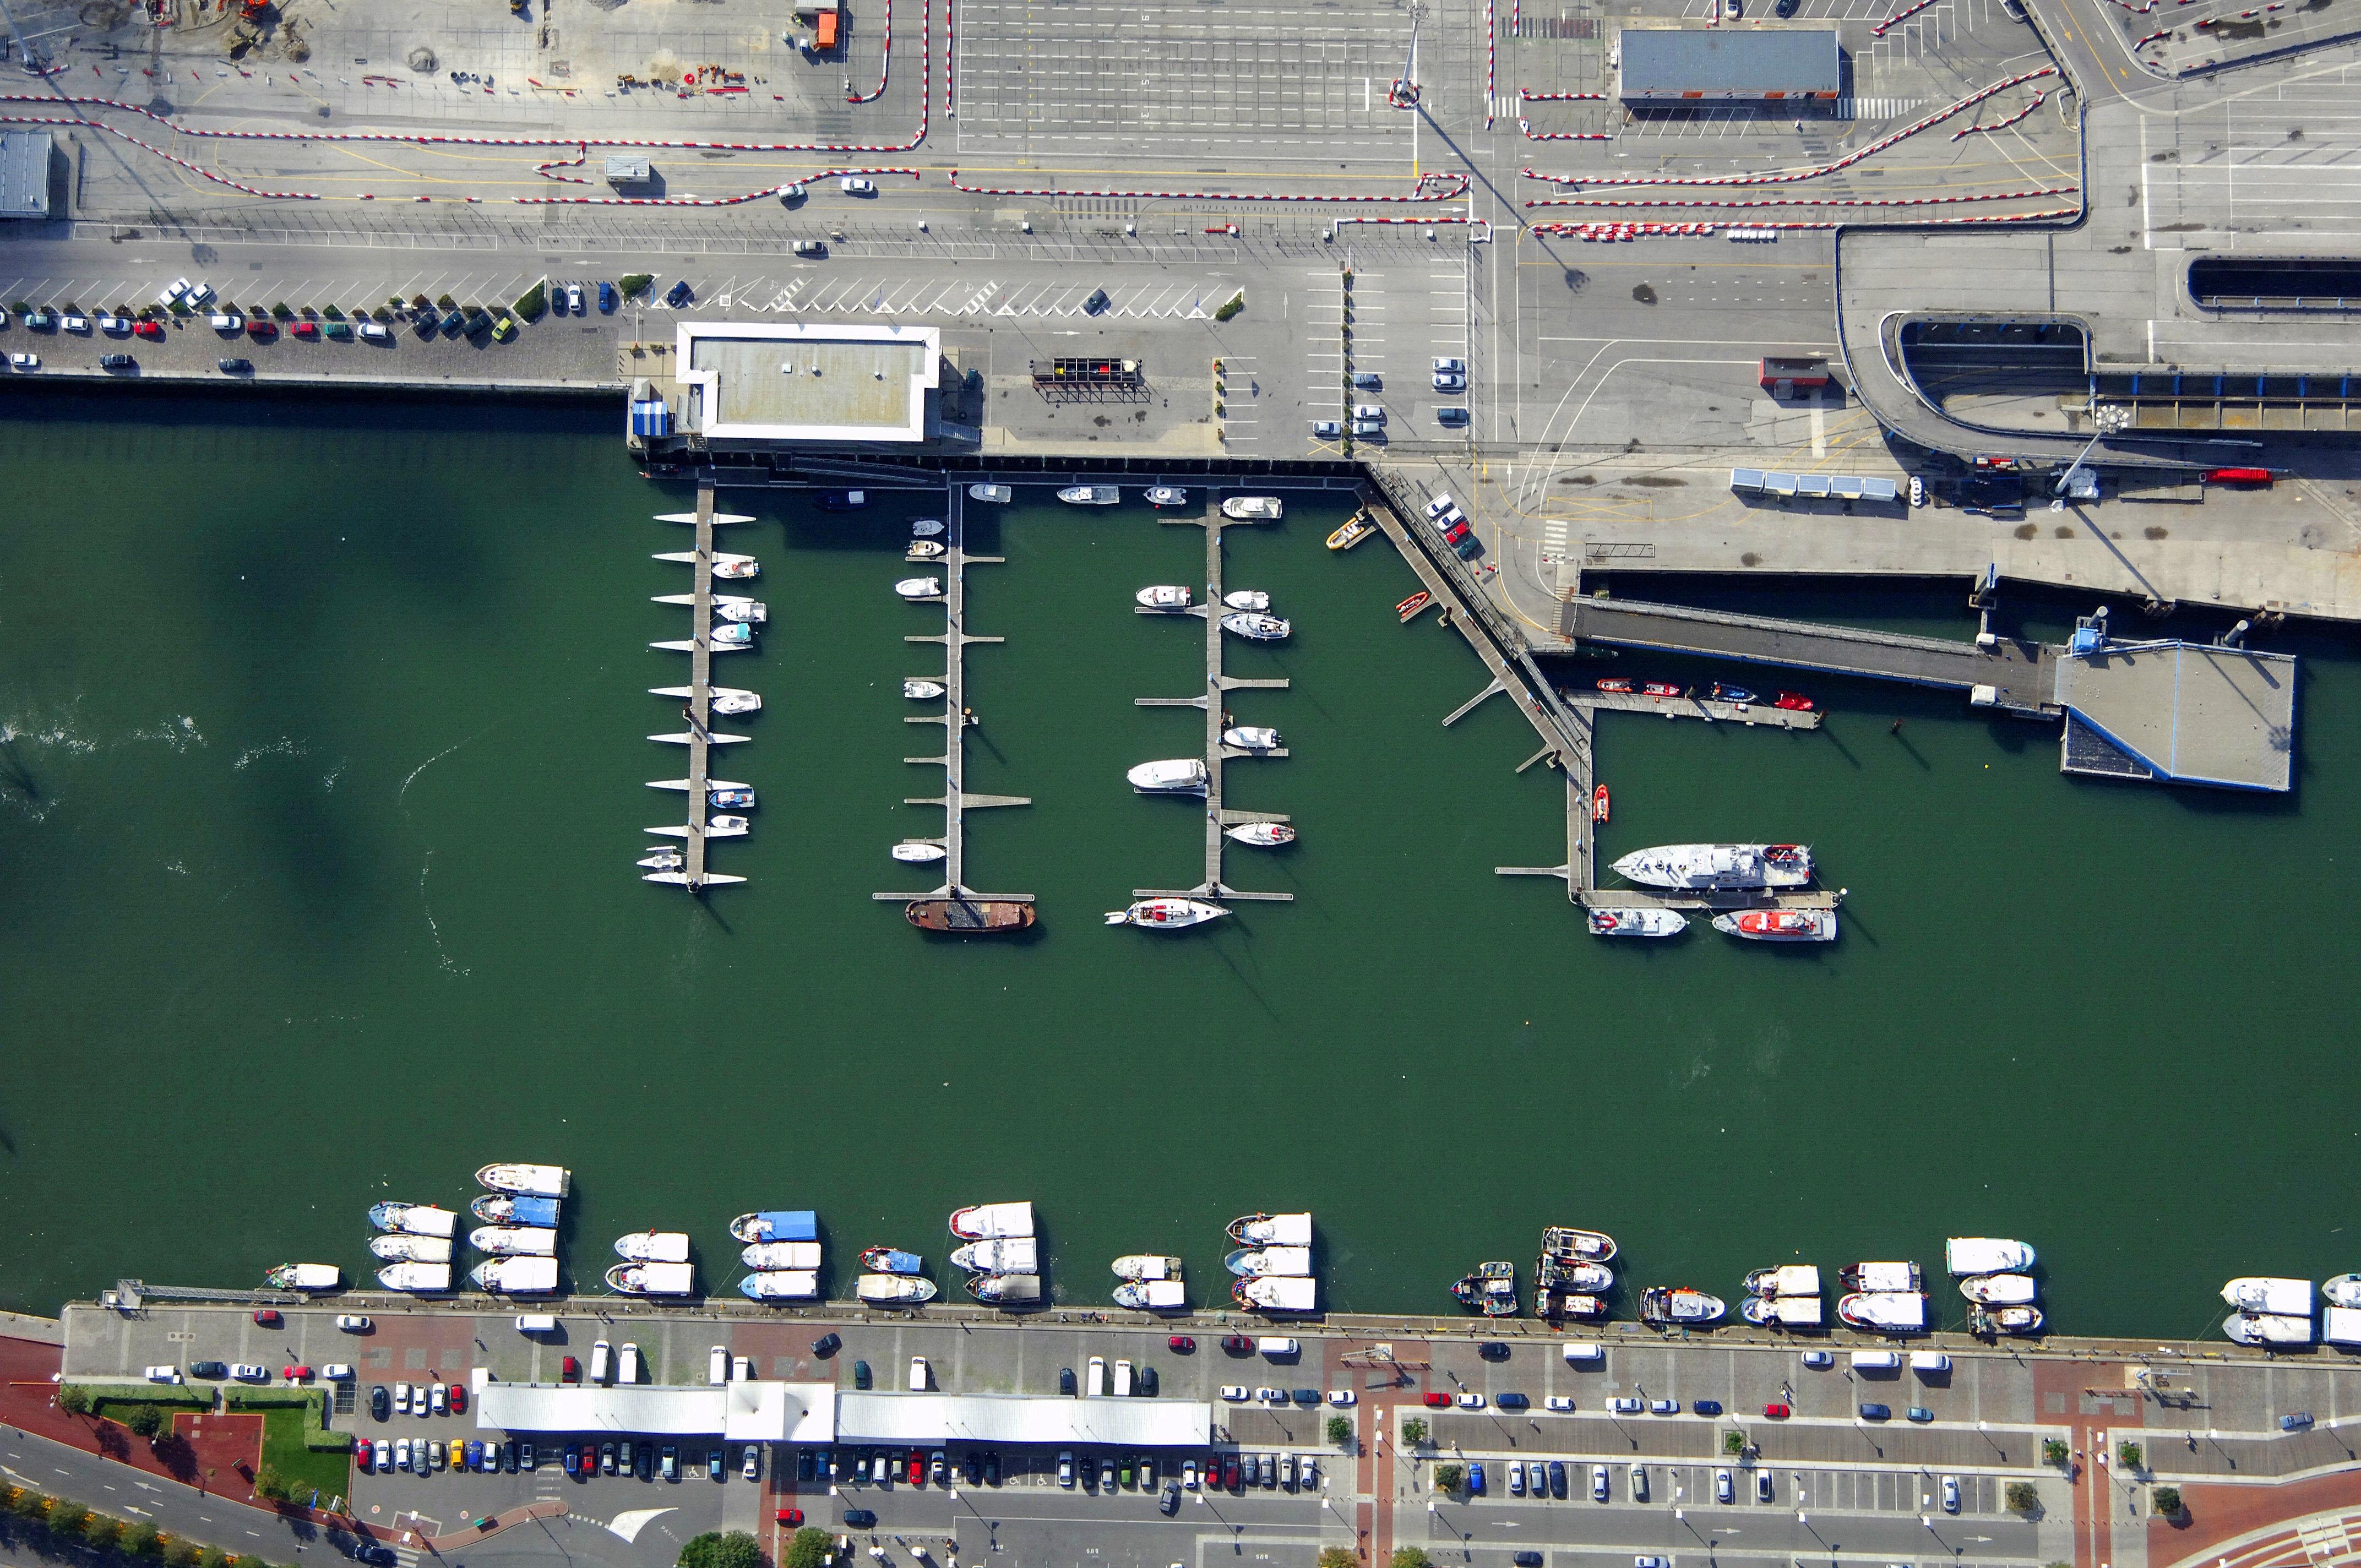 Port de plaisance Boulogne-sur-Mer Harbor in Boulogne-sur-Mer